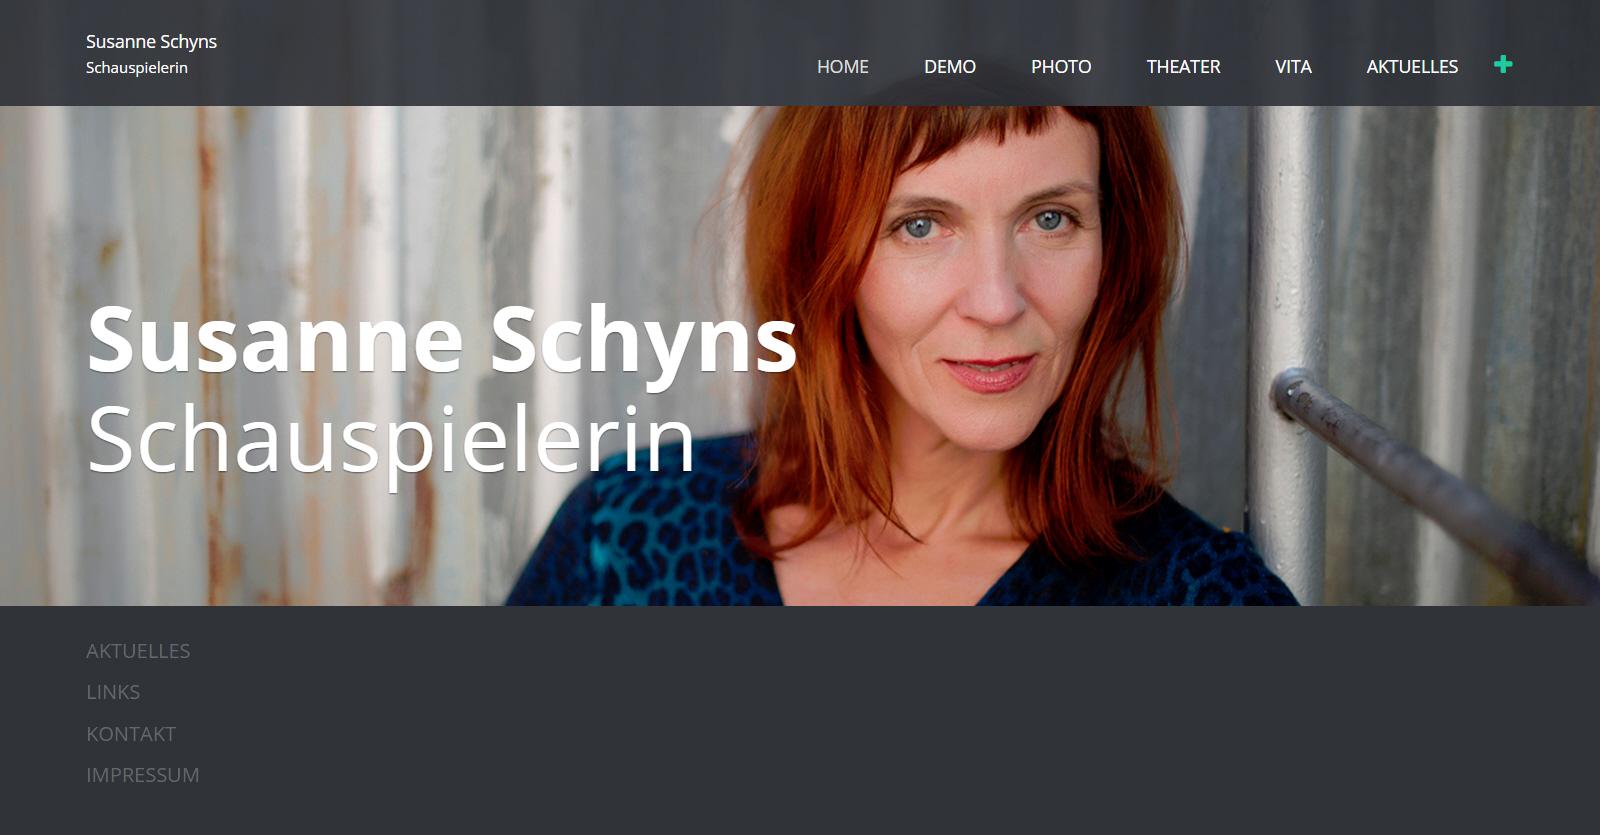 susanne-schyns-de-4 SUSANNE SCHYNS.DE